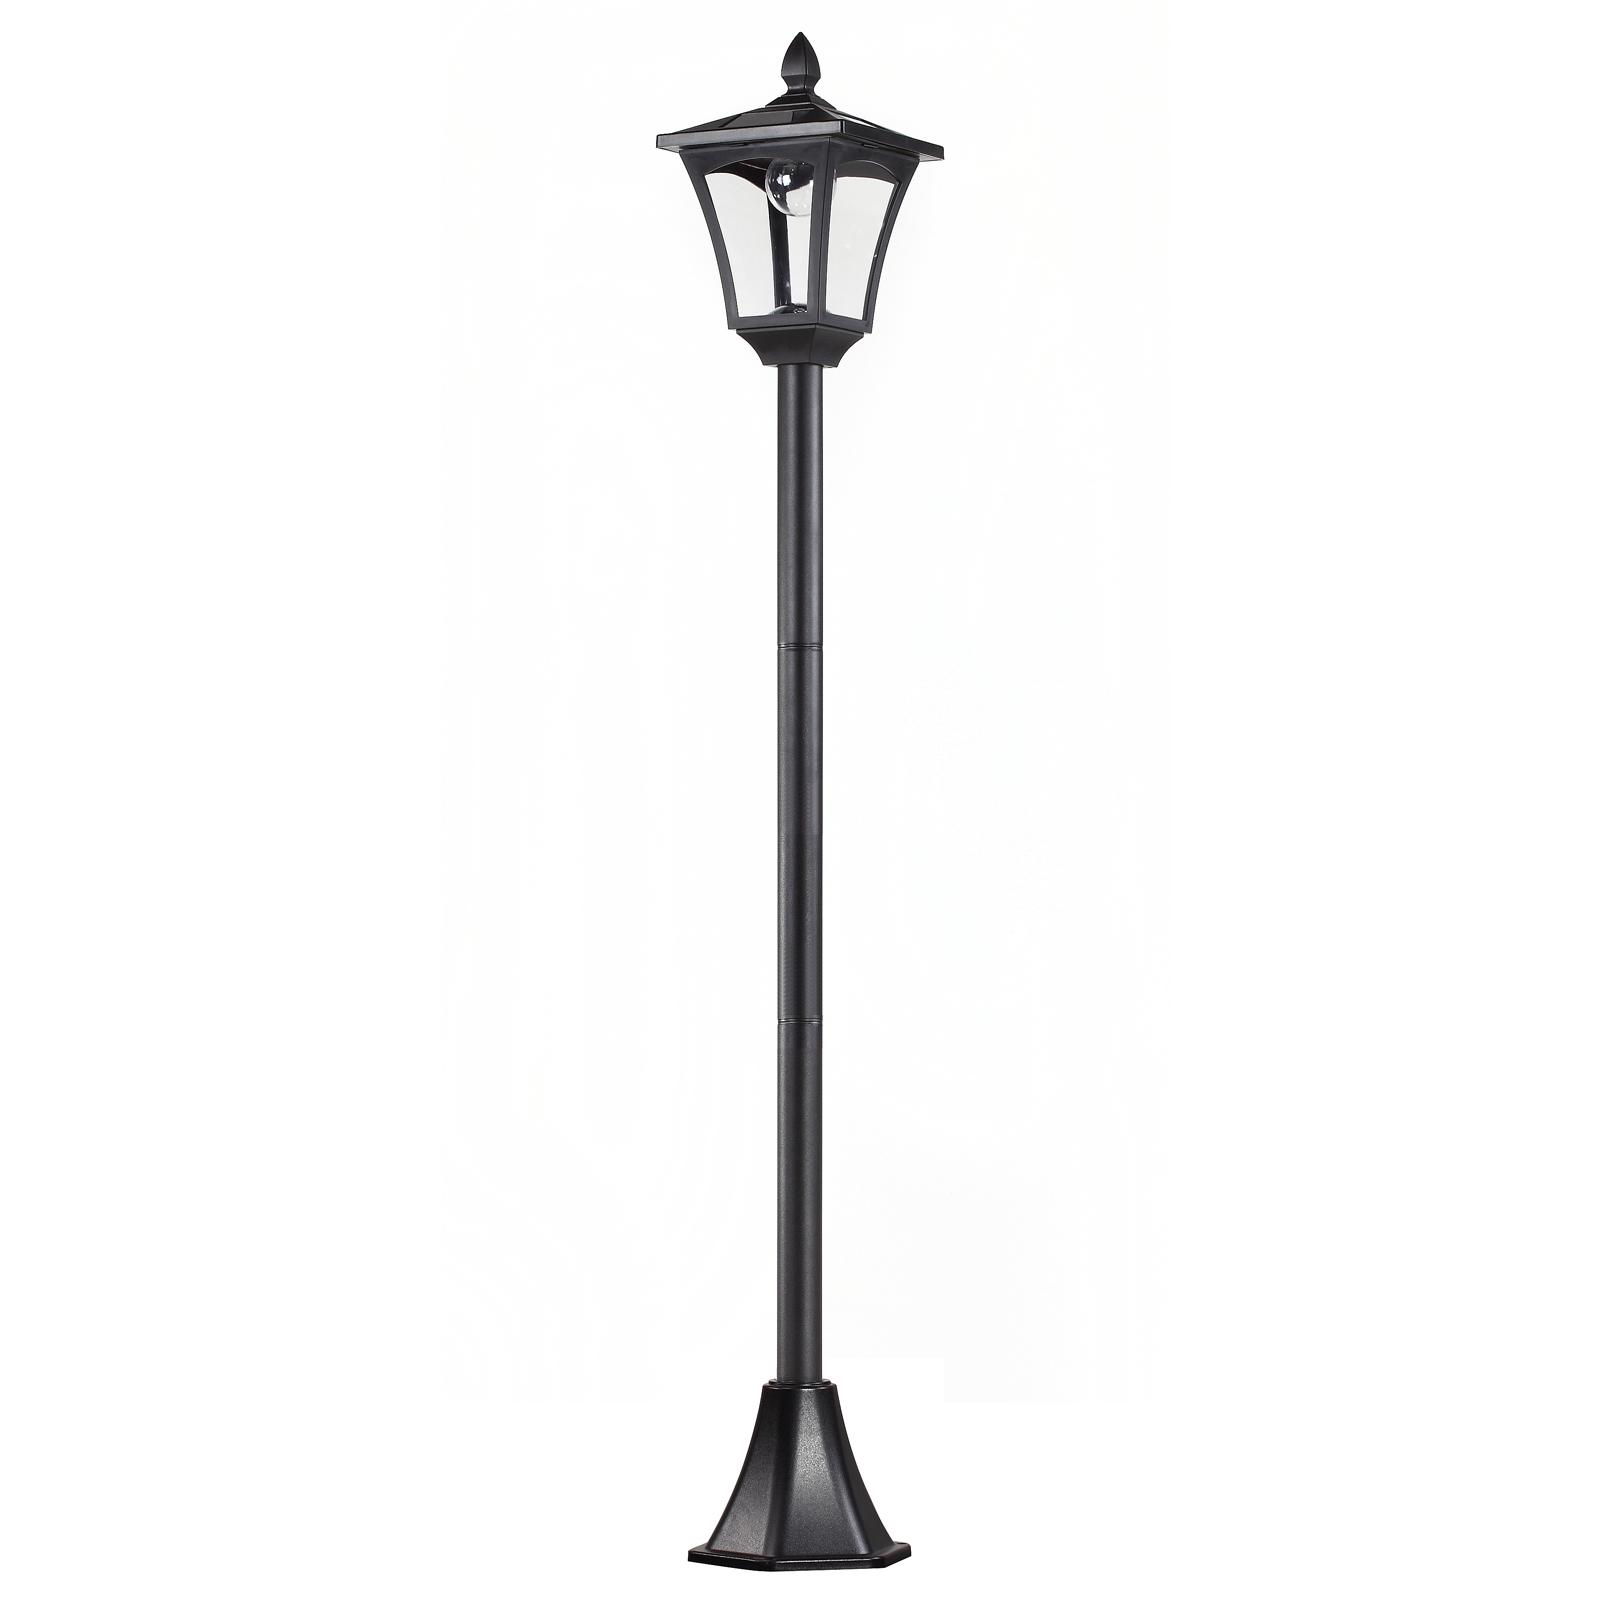 Lampadaire extérieur solaire luminaire lanterne LED noir